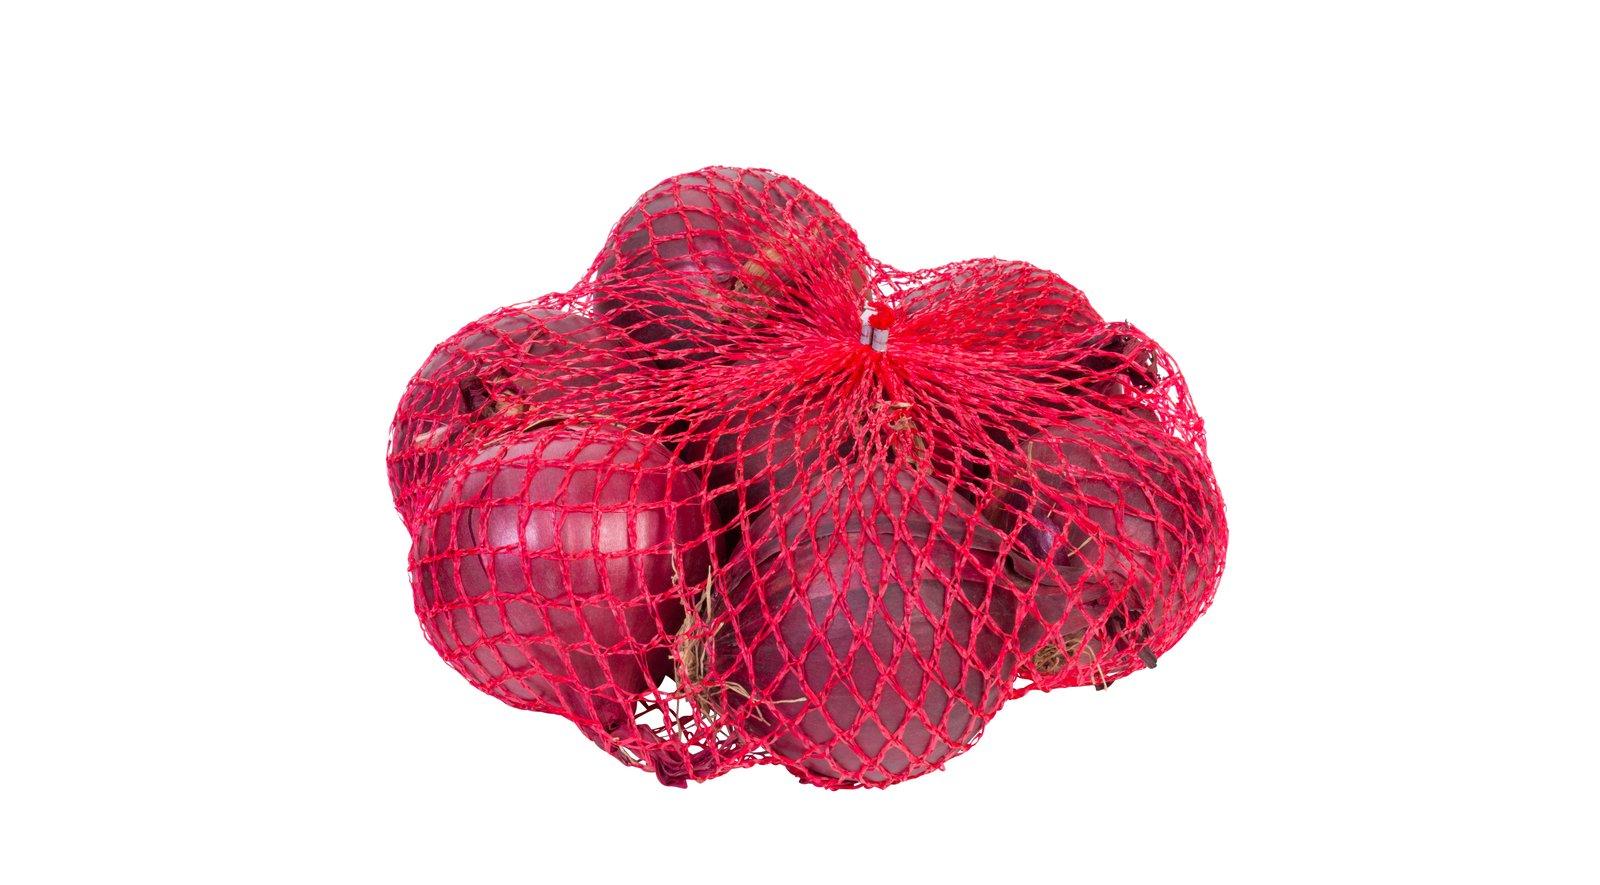 AGRI-Tubelar - Buisnet rood uien.jpg